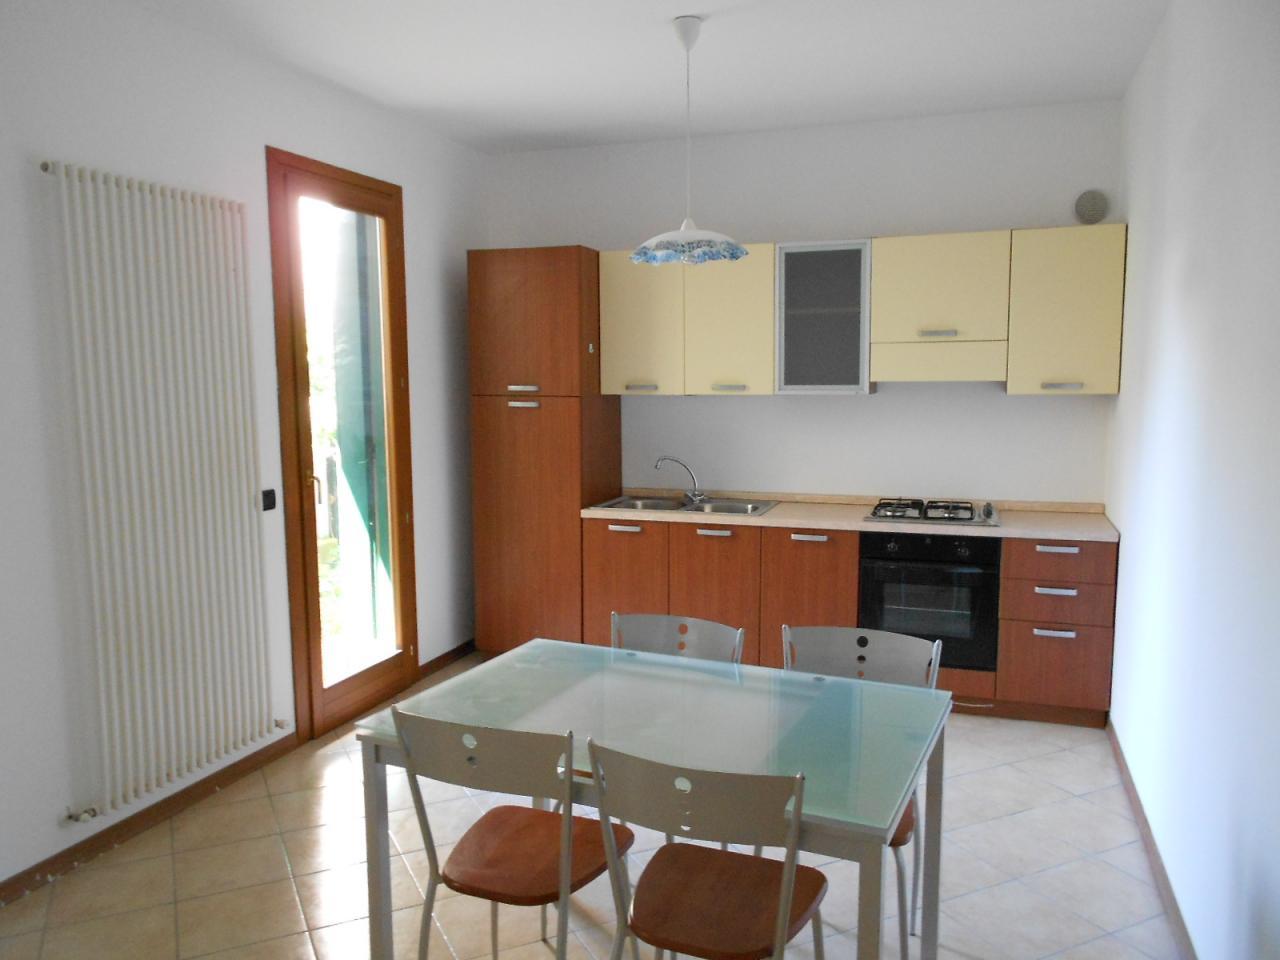 Appartamento in vendita a Montebelluna, 2 locali, prezzo € 95.000 | Cambio Casa.it